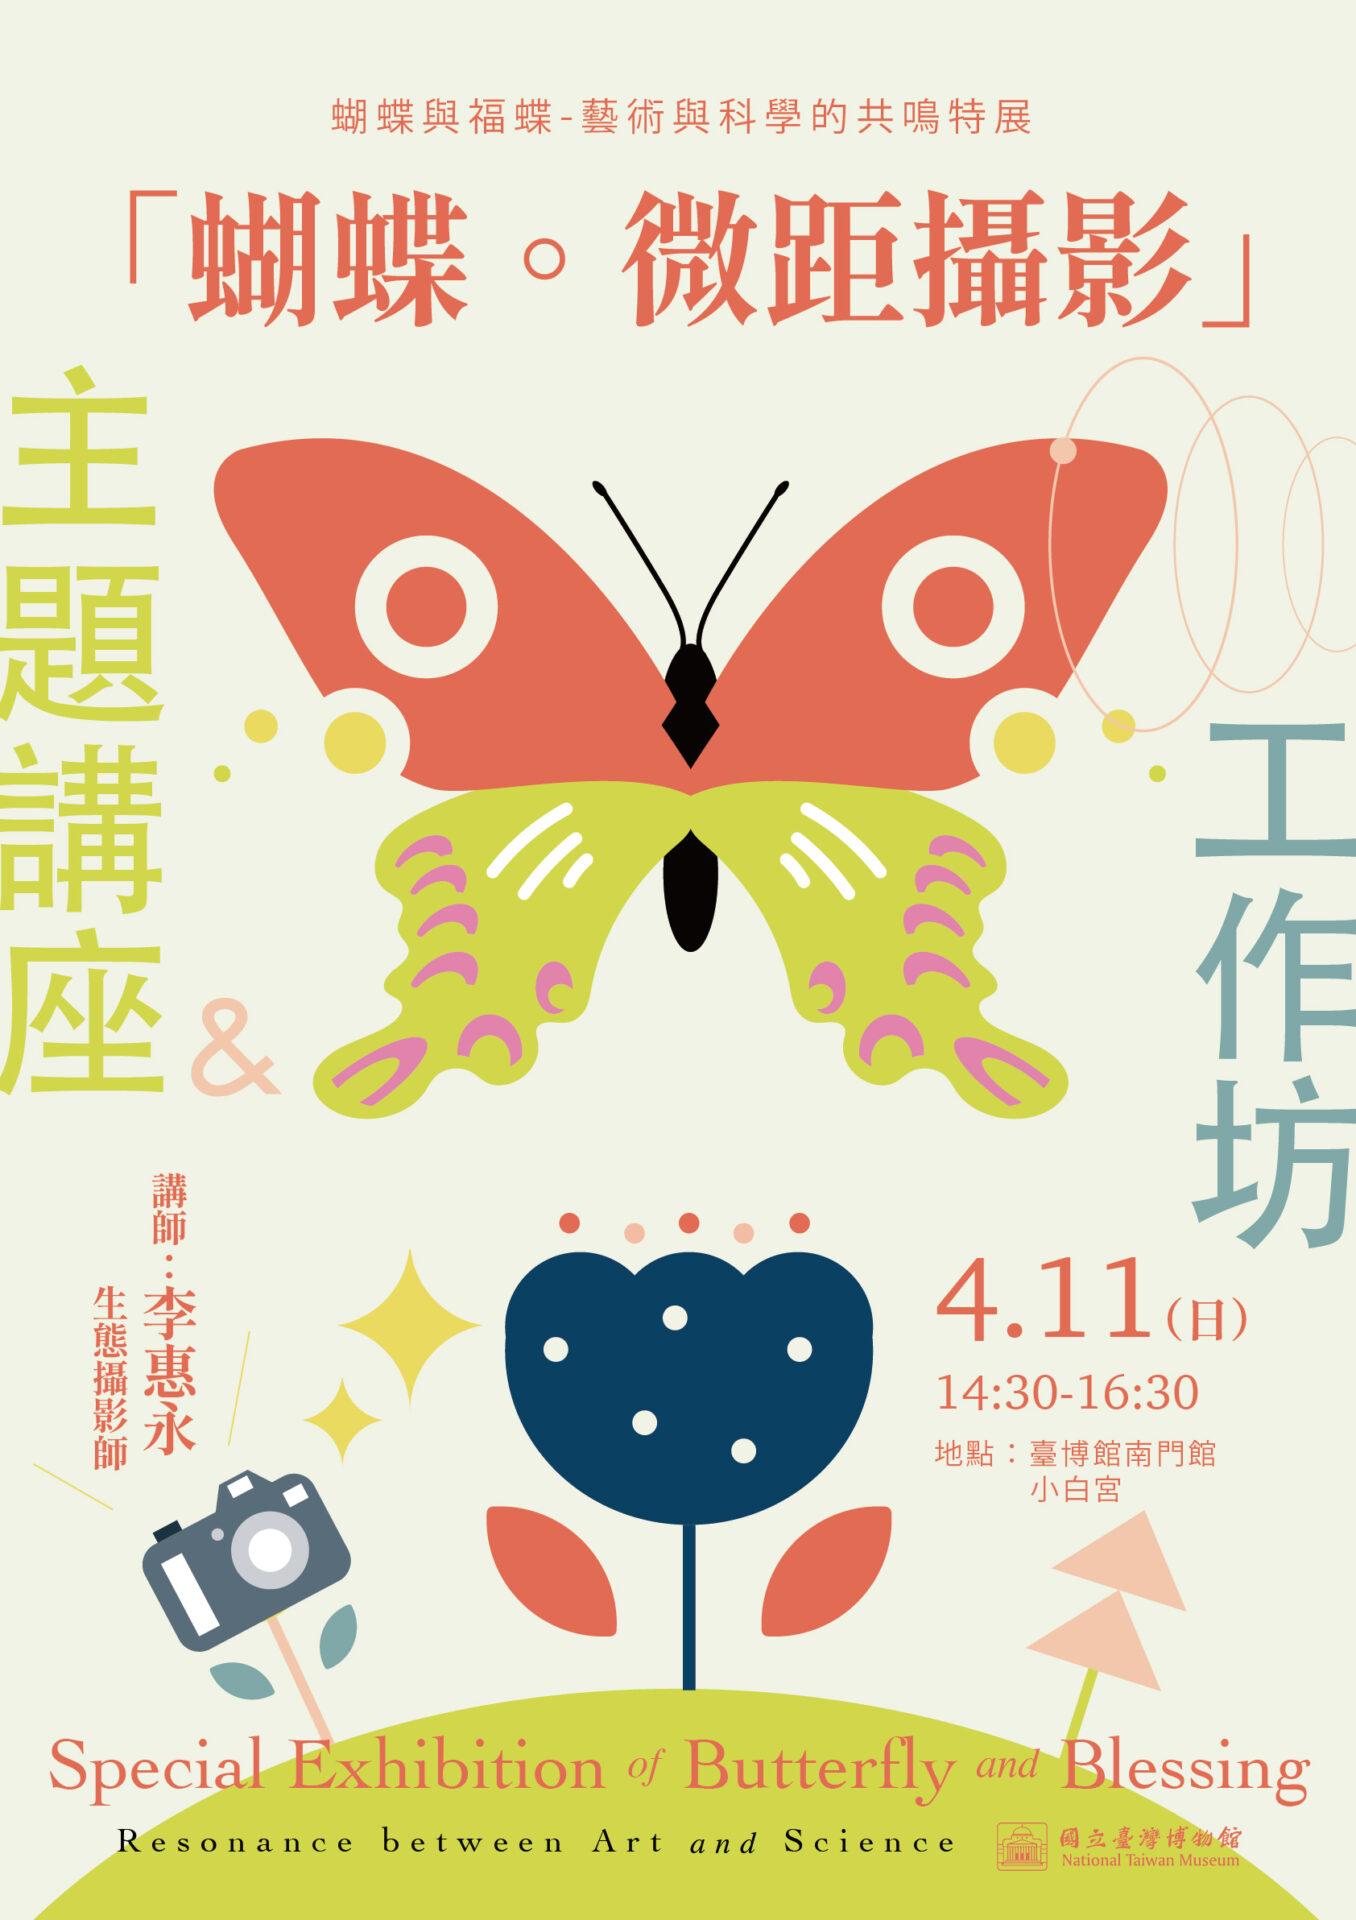 國立臺灣博物館:4/11【「蝴蝶與福蝶」主題工作坊:蝶蝶PLUS+】